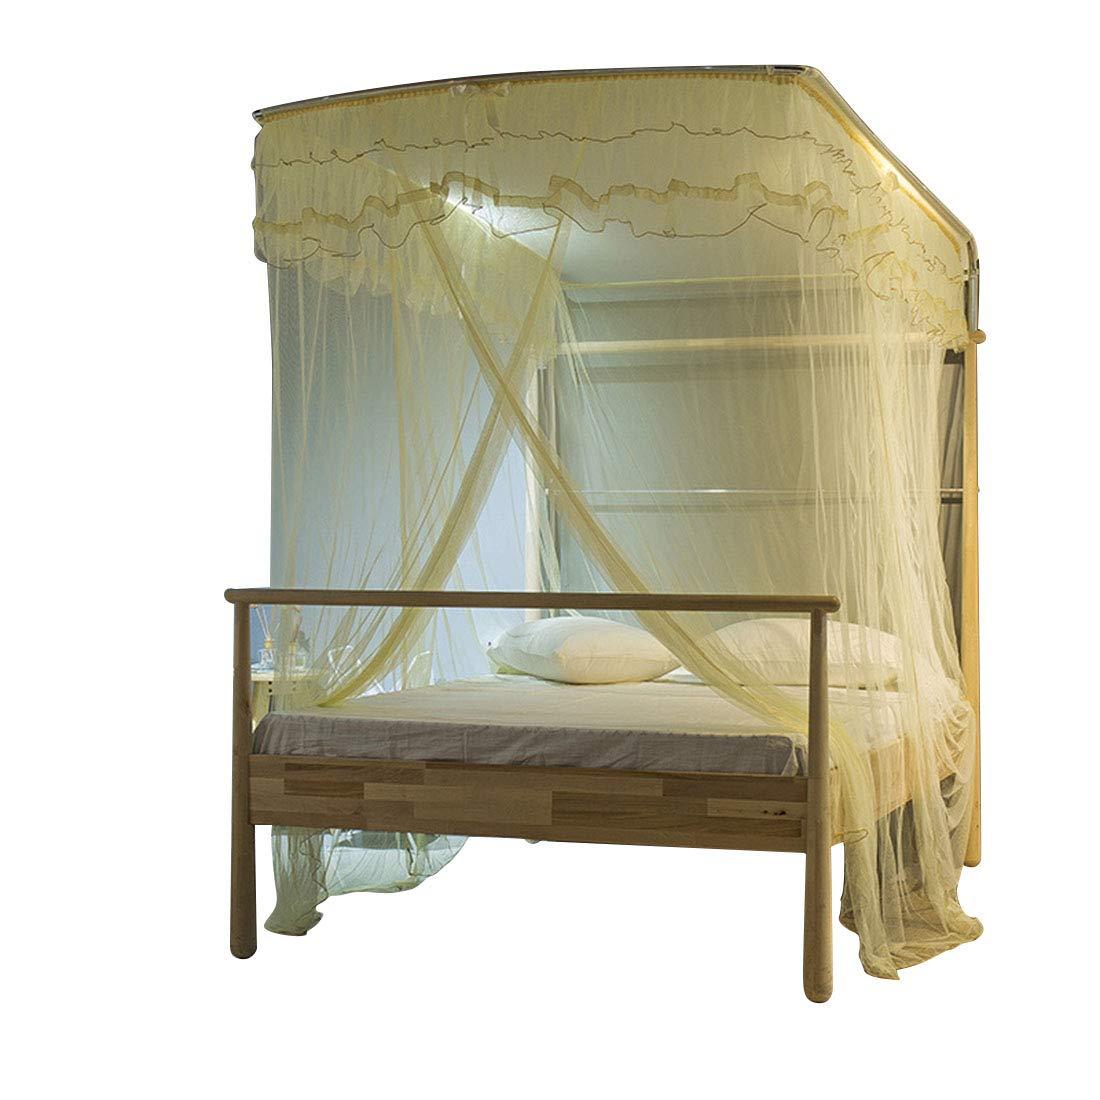 方朝日スポーツ用品店 蚊帳のはめ込み式のU字型の蚊帳、寝室に適した3つの開いたドアの裁判所の黄色い床から天井までの蚊帳 (色 : ベージュ, サイズ : 150*210CM/25) B07SLJMTGK ベージュ 150*210CM/25